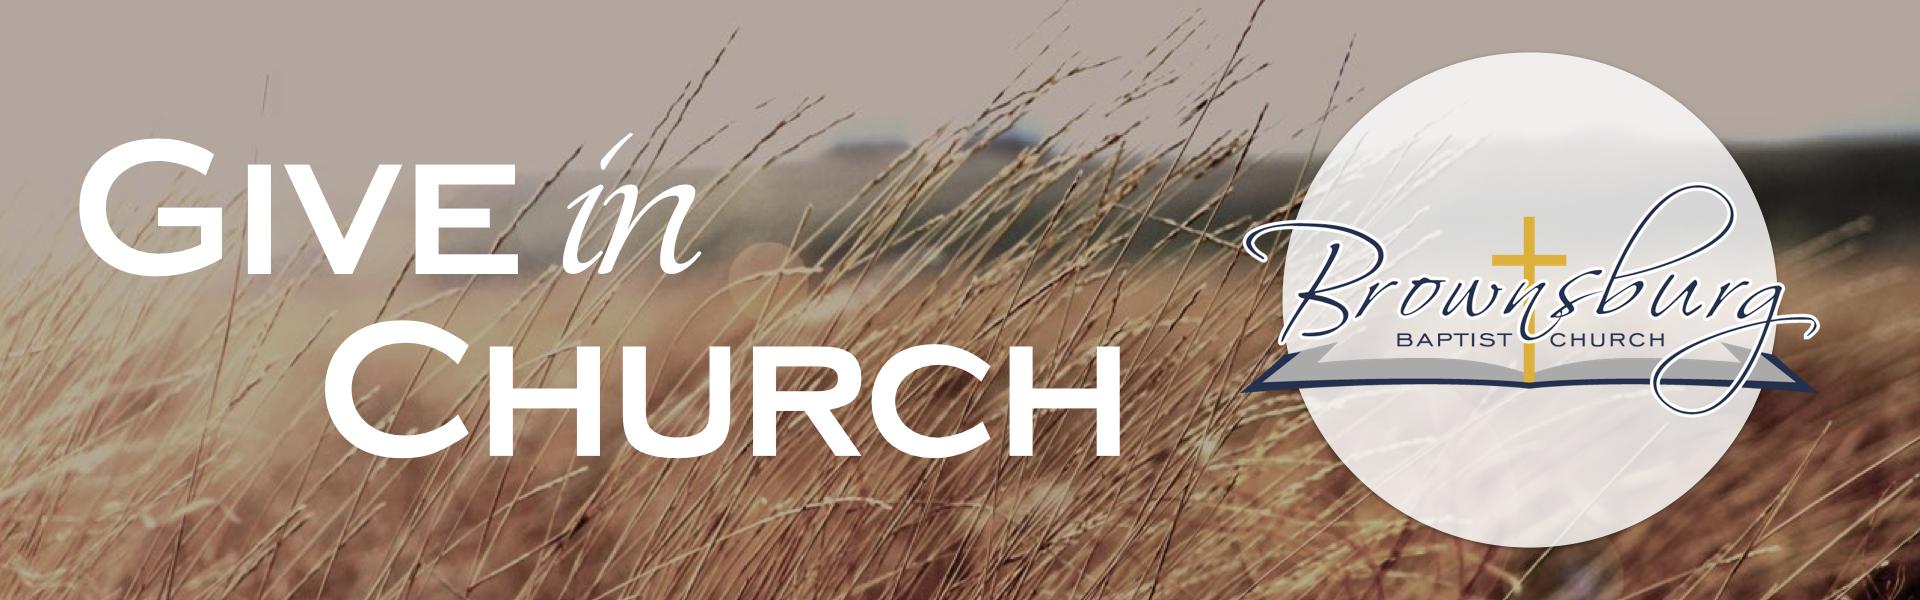 Give in Church .001.jpeg